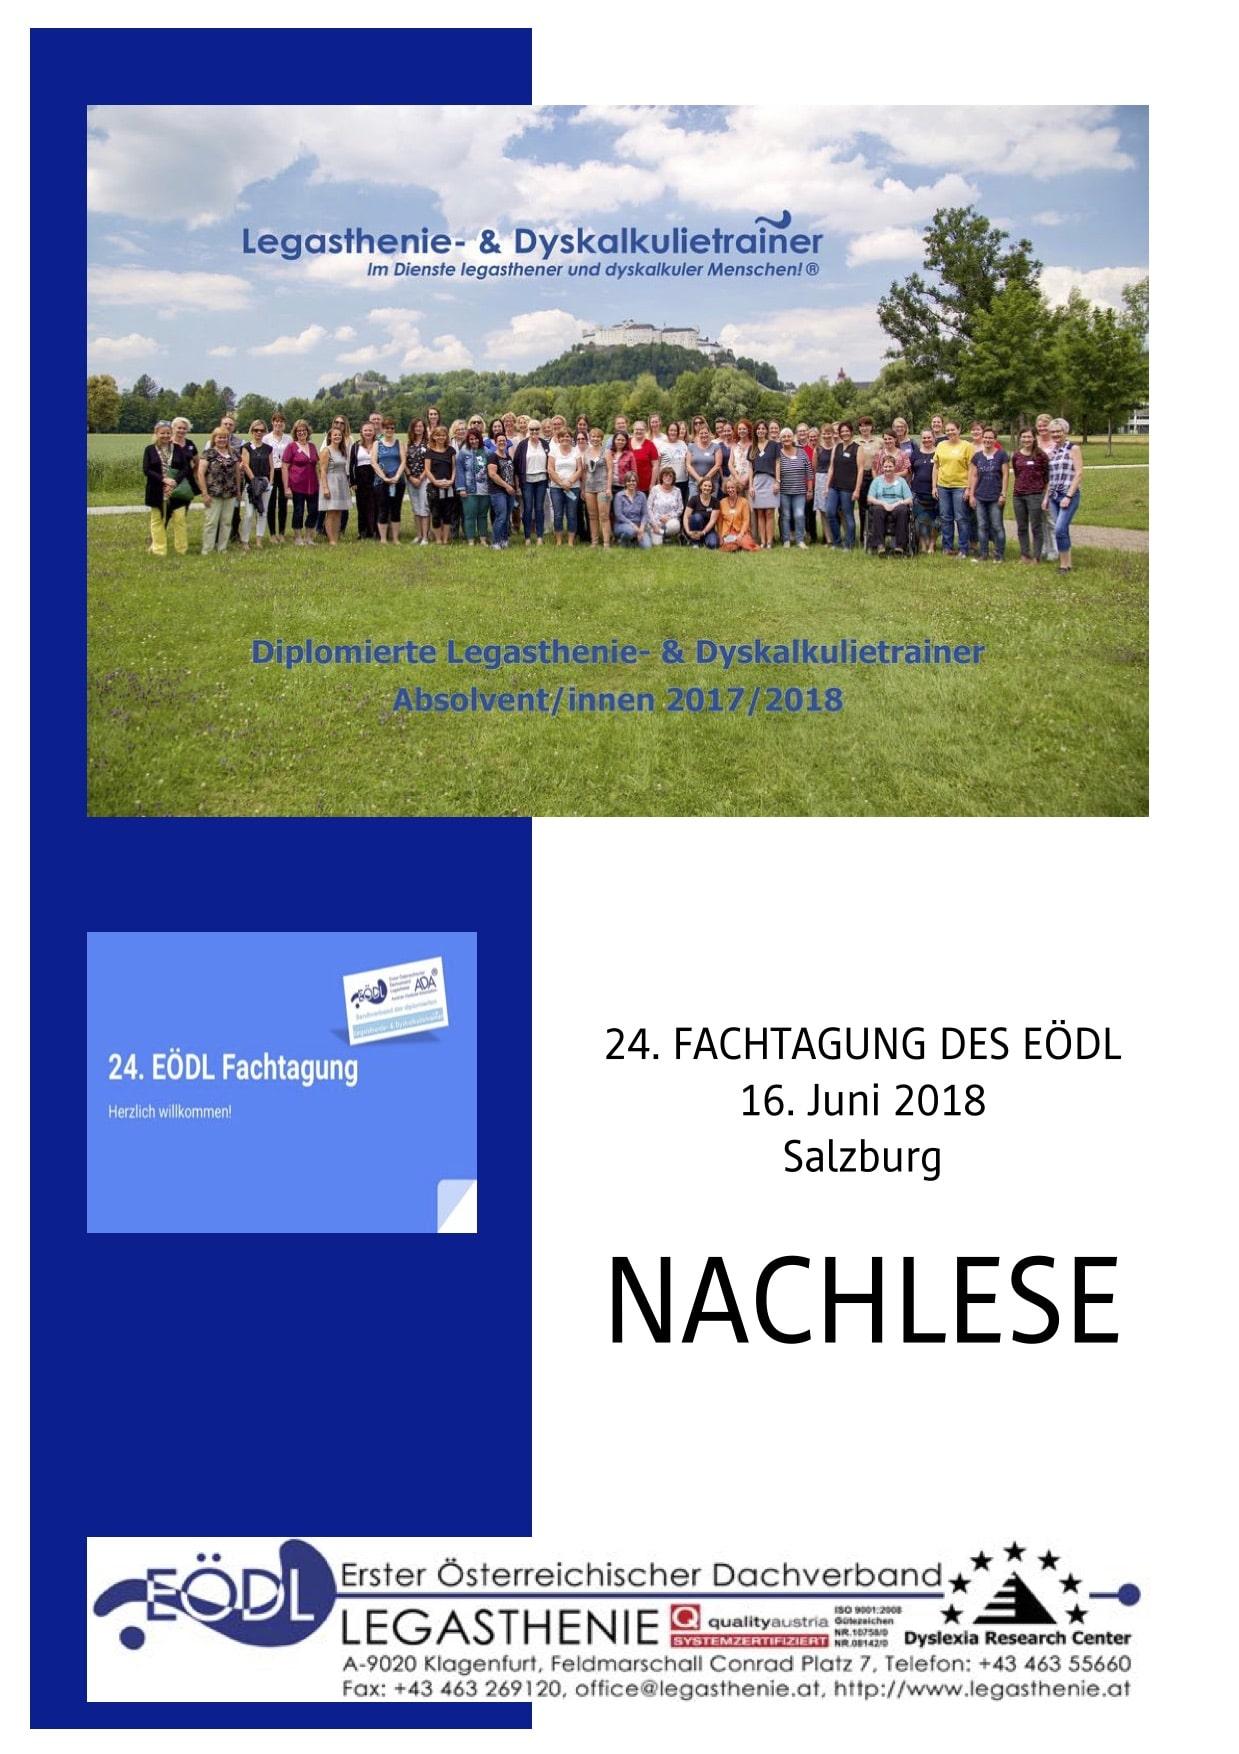 Fachtagung 2018, Legasthenie, Dyskalkulie, Legasthenietrainer, Dyskalkulietrainer, AFS-Methode, EÖDL, DRC, dyslexia, dyscalculia, Sinneswahrnehmungen